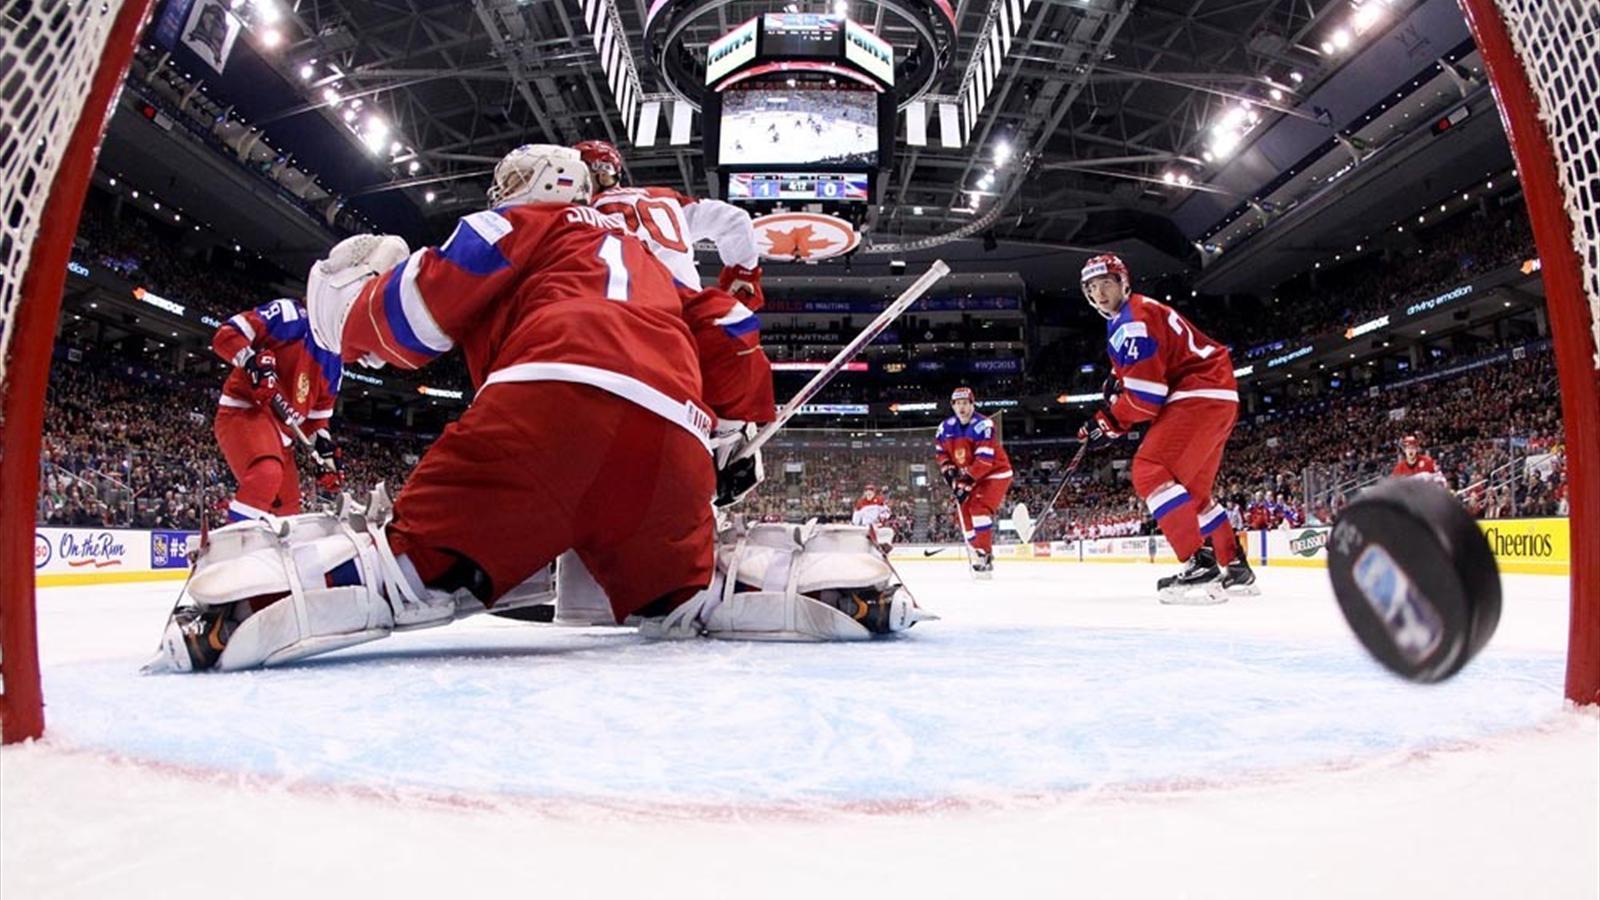 благодарен хоккей супер картинки большинстве российских